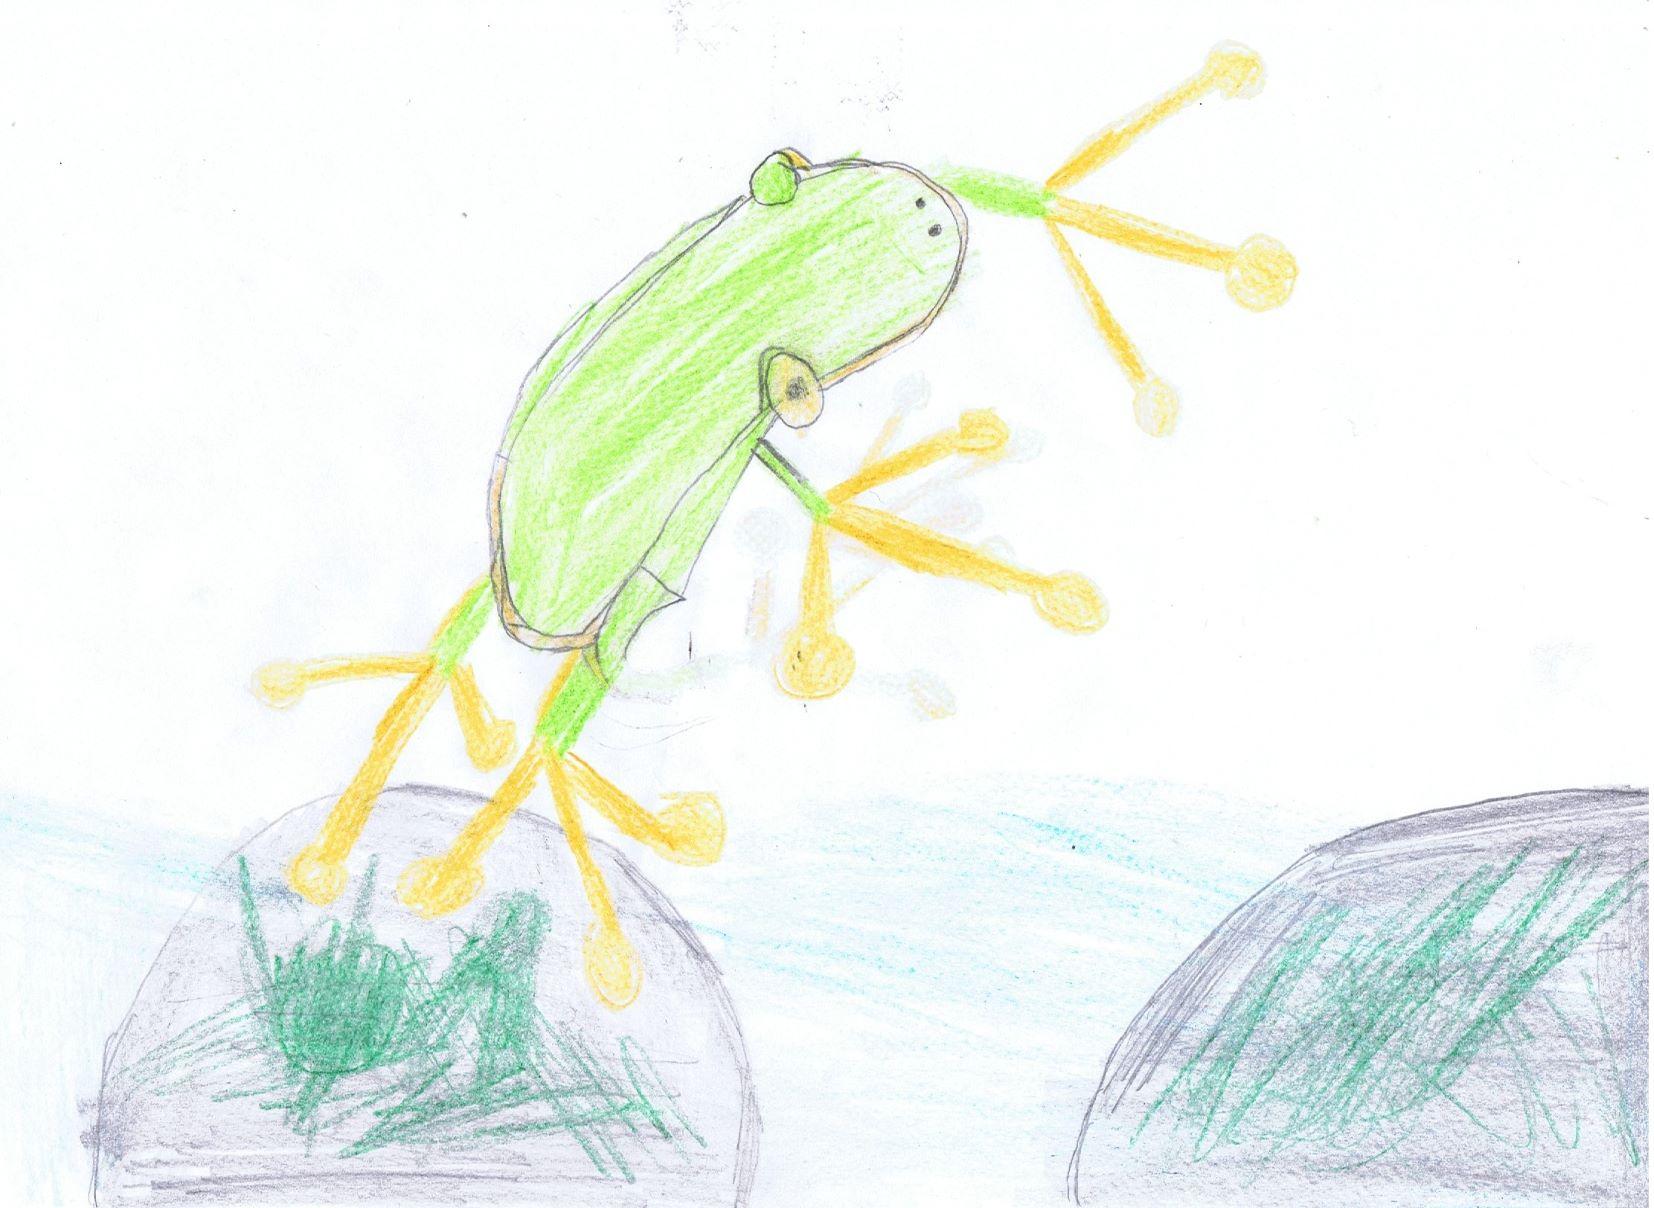 Wetterbericht vom Frosch - 24. Juli